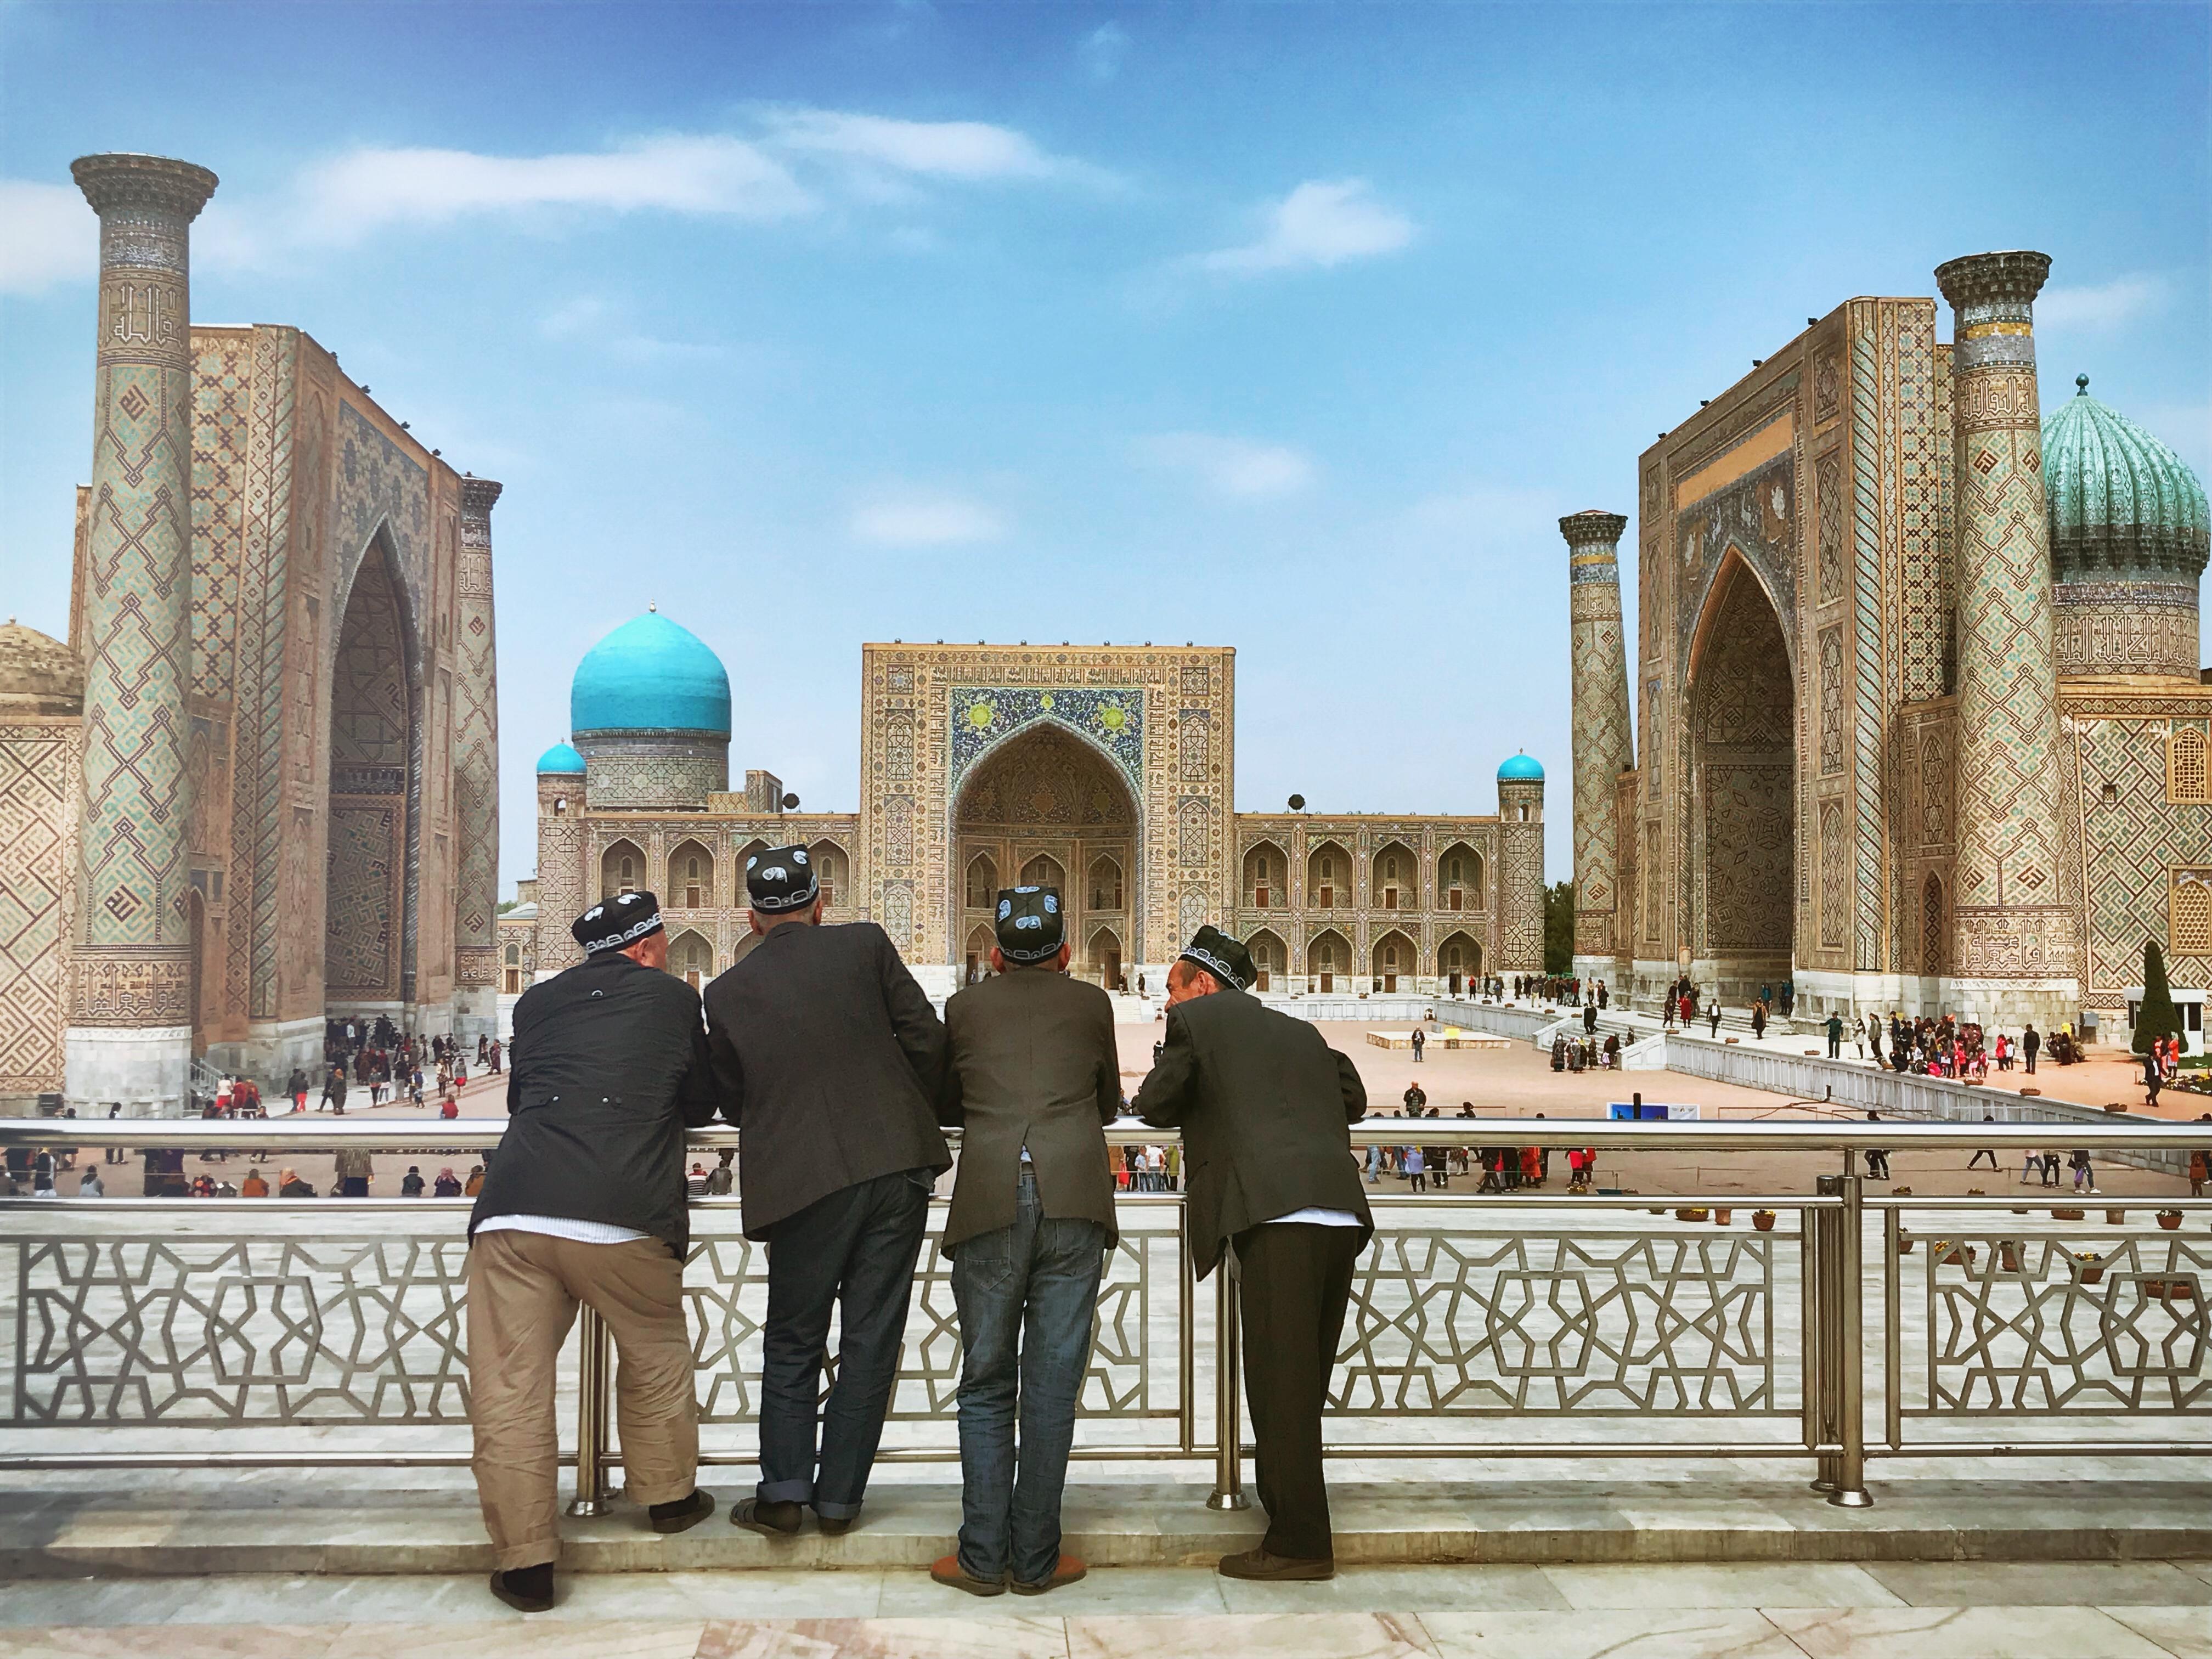 Usbekistand kscheib Registan Samarkand